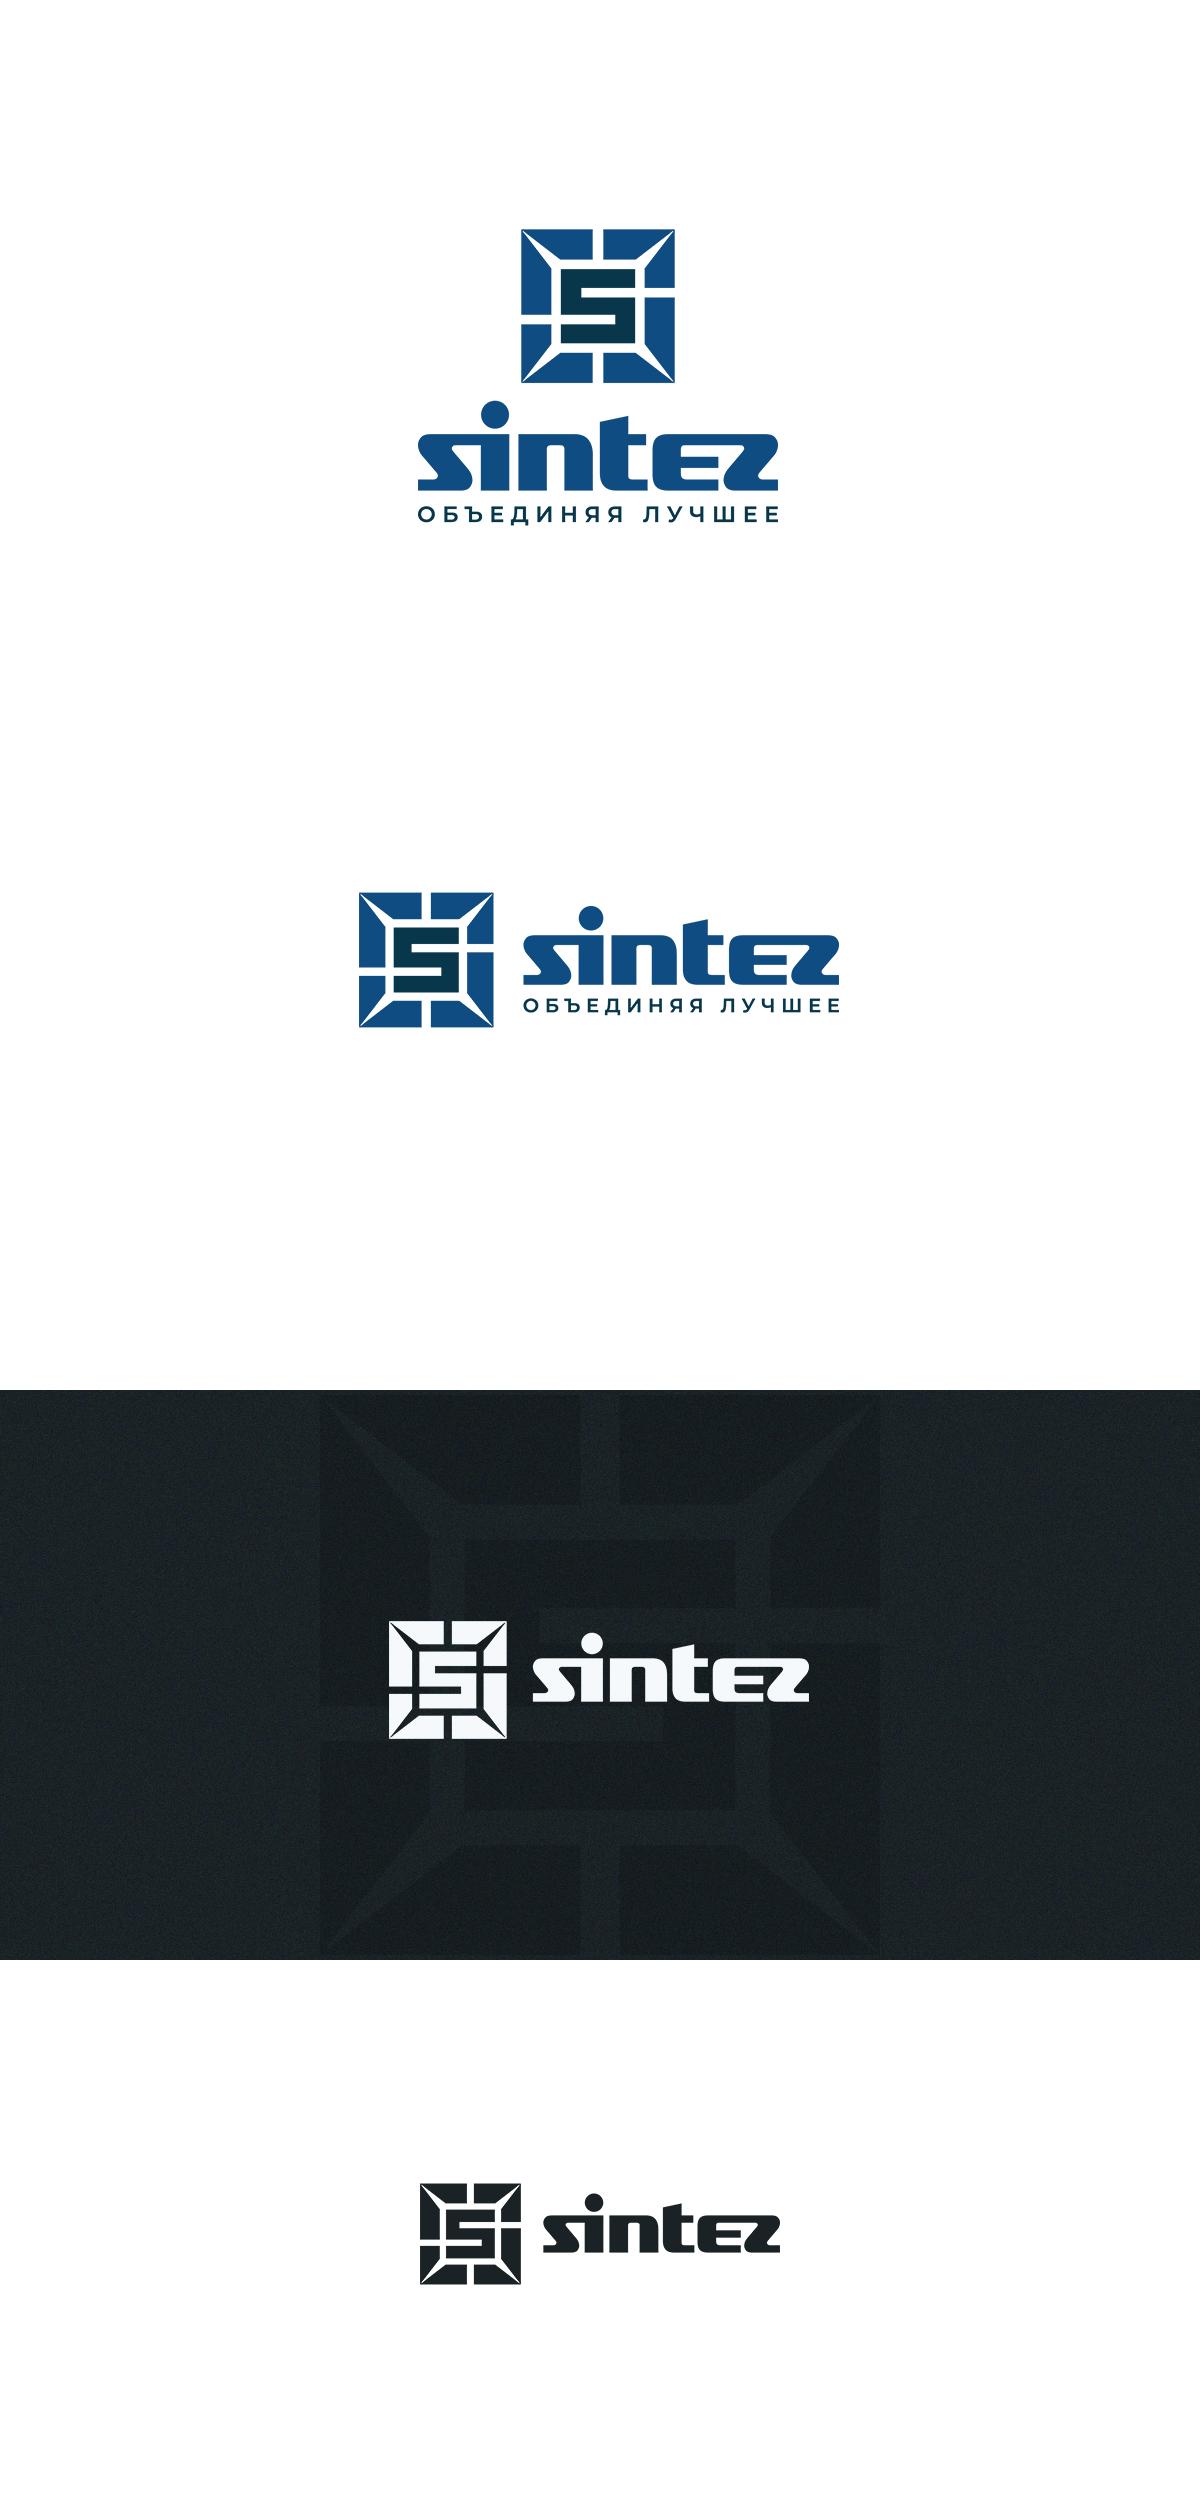 Разрабтка логотипа компании и фирменного шрифта фото f_2355f63b0a170163.png